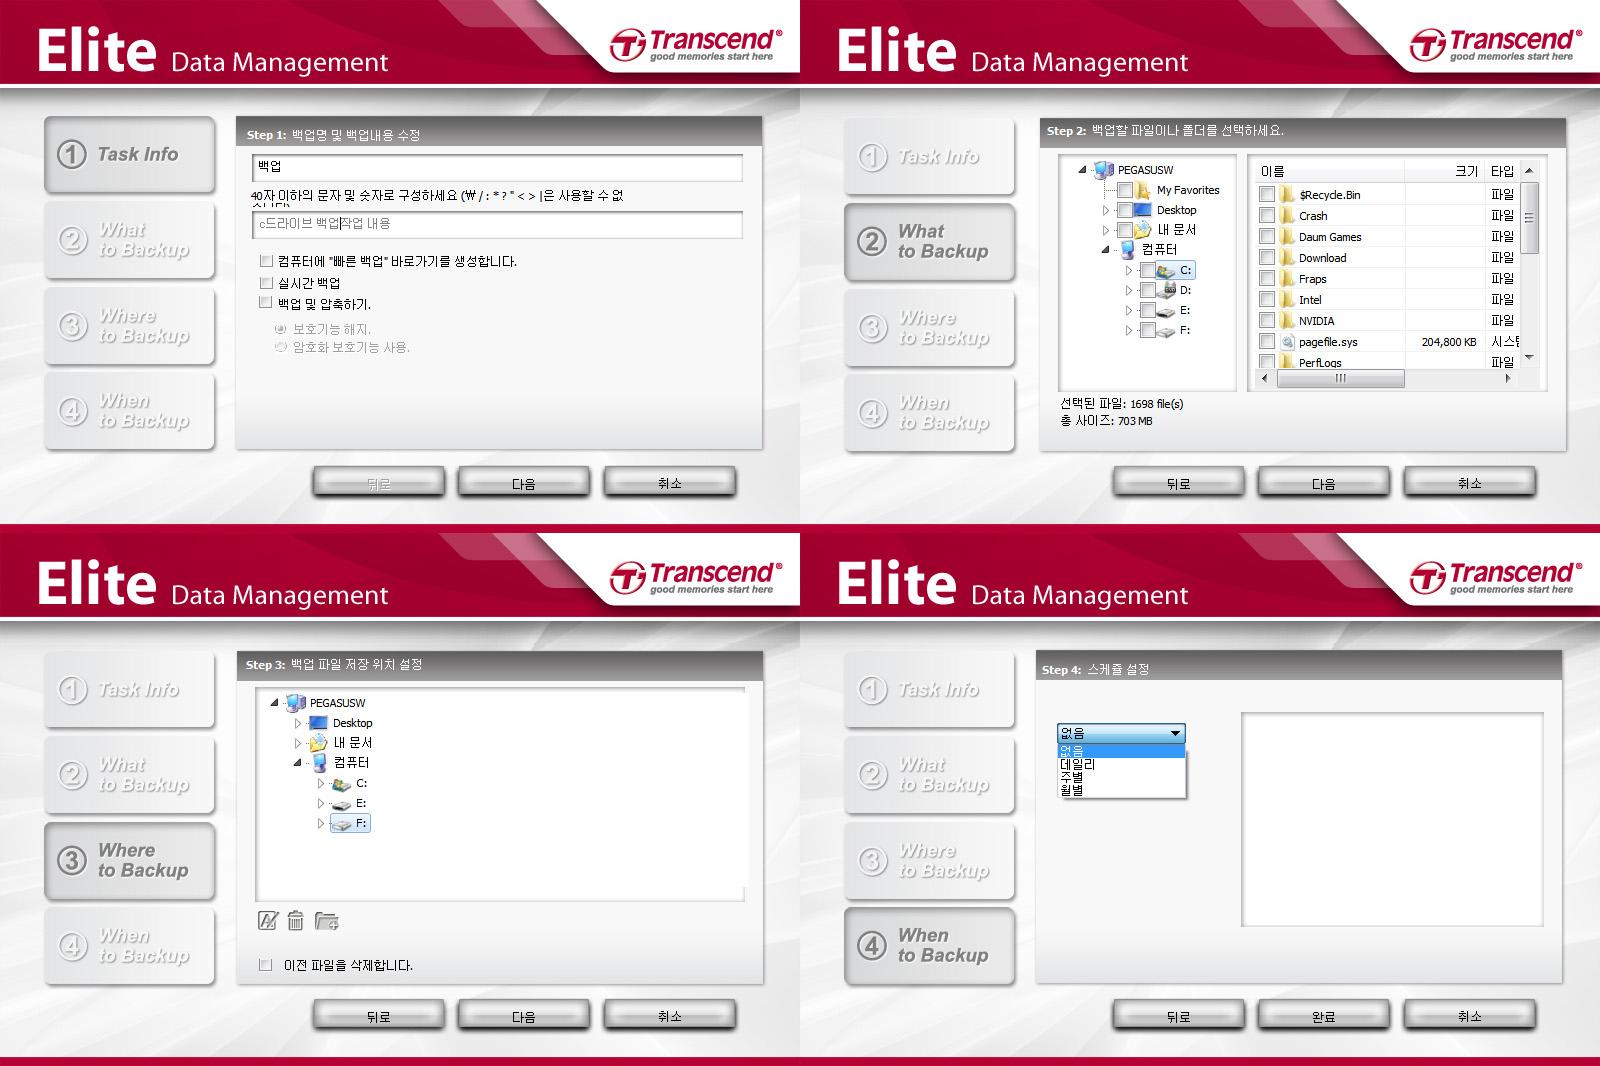 트랜센드 3TB 외장하드 StoreJet 35T3 USB 3.0 Transcend 사용 후기 33.jpg